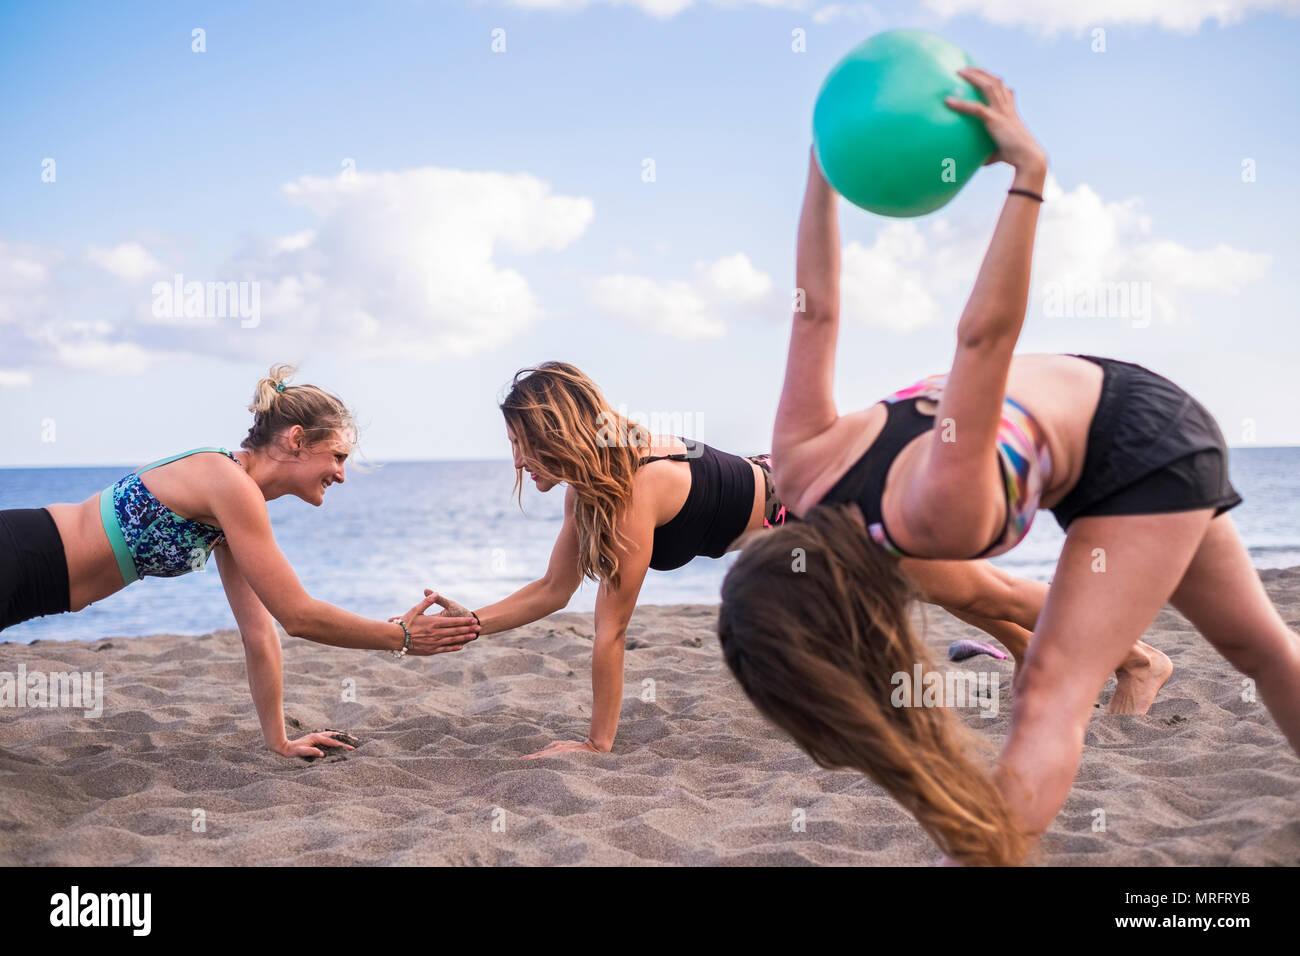 Gruppe von Frauen Menschen kaukasischen drei schöne Frauen Yoga und Fitness auf dem Sand am Strand in der Nähe des Meeres. Freiheit Konzept für Freizeitaktivitäten ac Stockbild